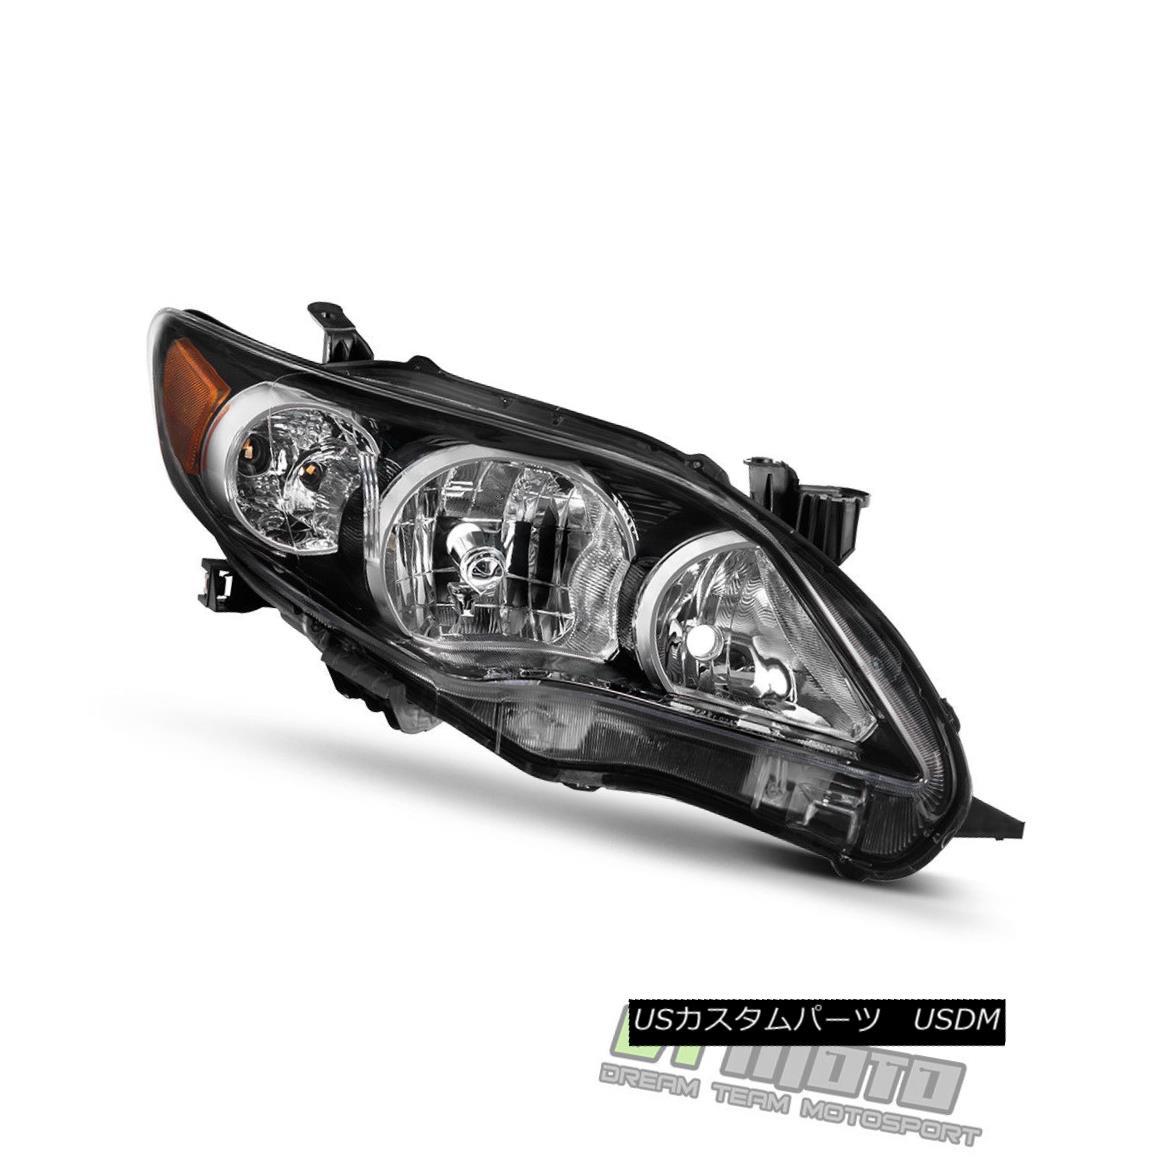 ヘッドライト Black 2011-2013 Toyota Corolla S/XRS Headlight Headlamp 11 12 13 Passenger Side ブラック2011-2013トヨタカローラS / XRSヘッドライトヘッドランプ11 12 13乗客側